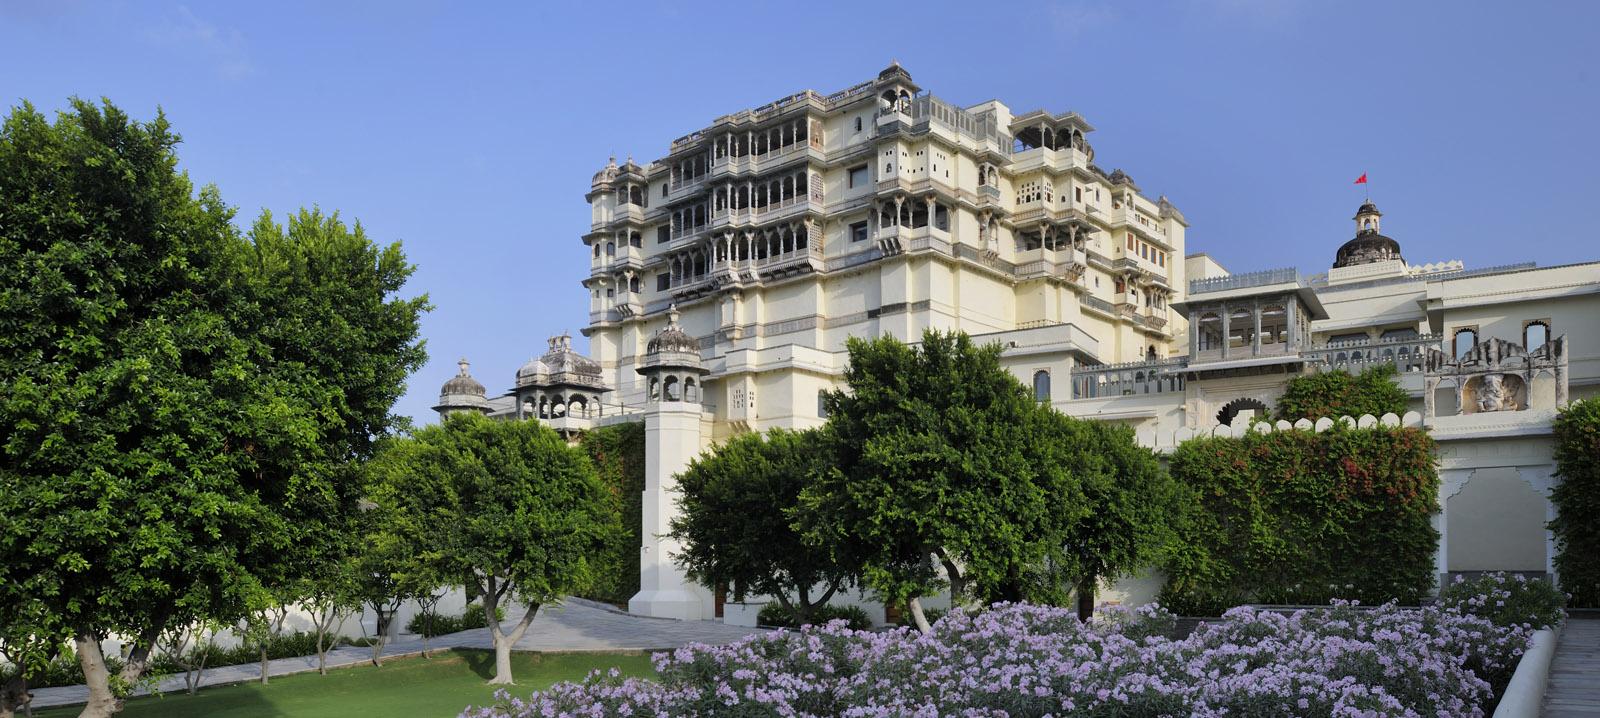 Raas devi garh heritage hotels in udaipur